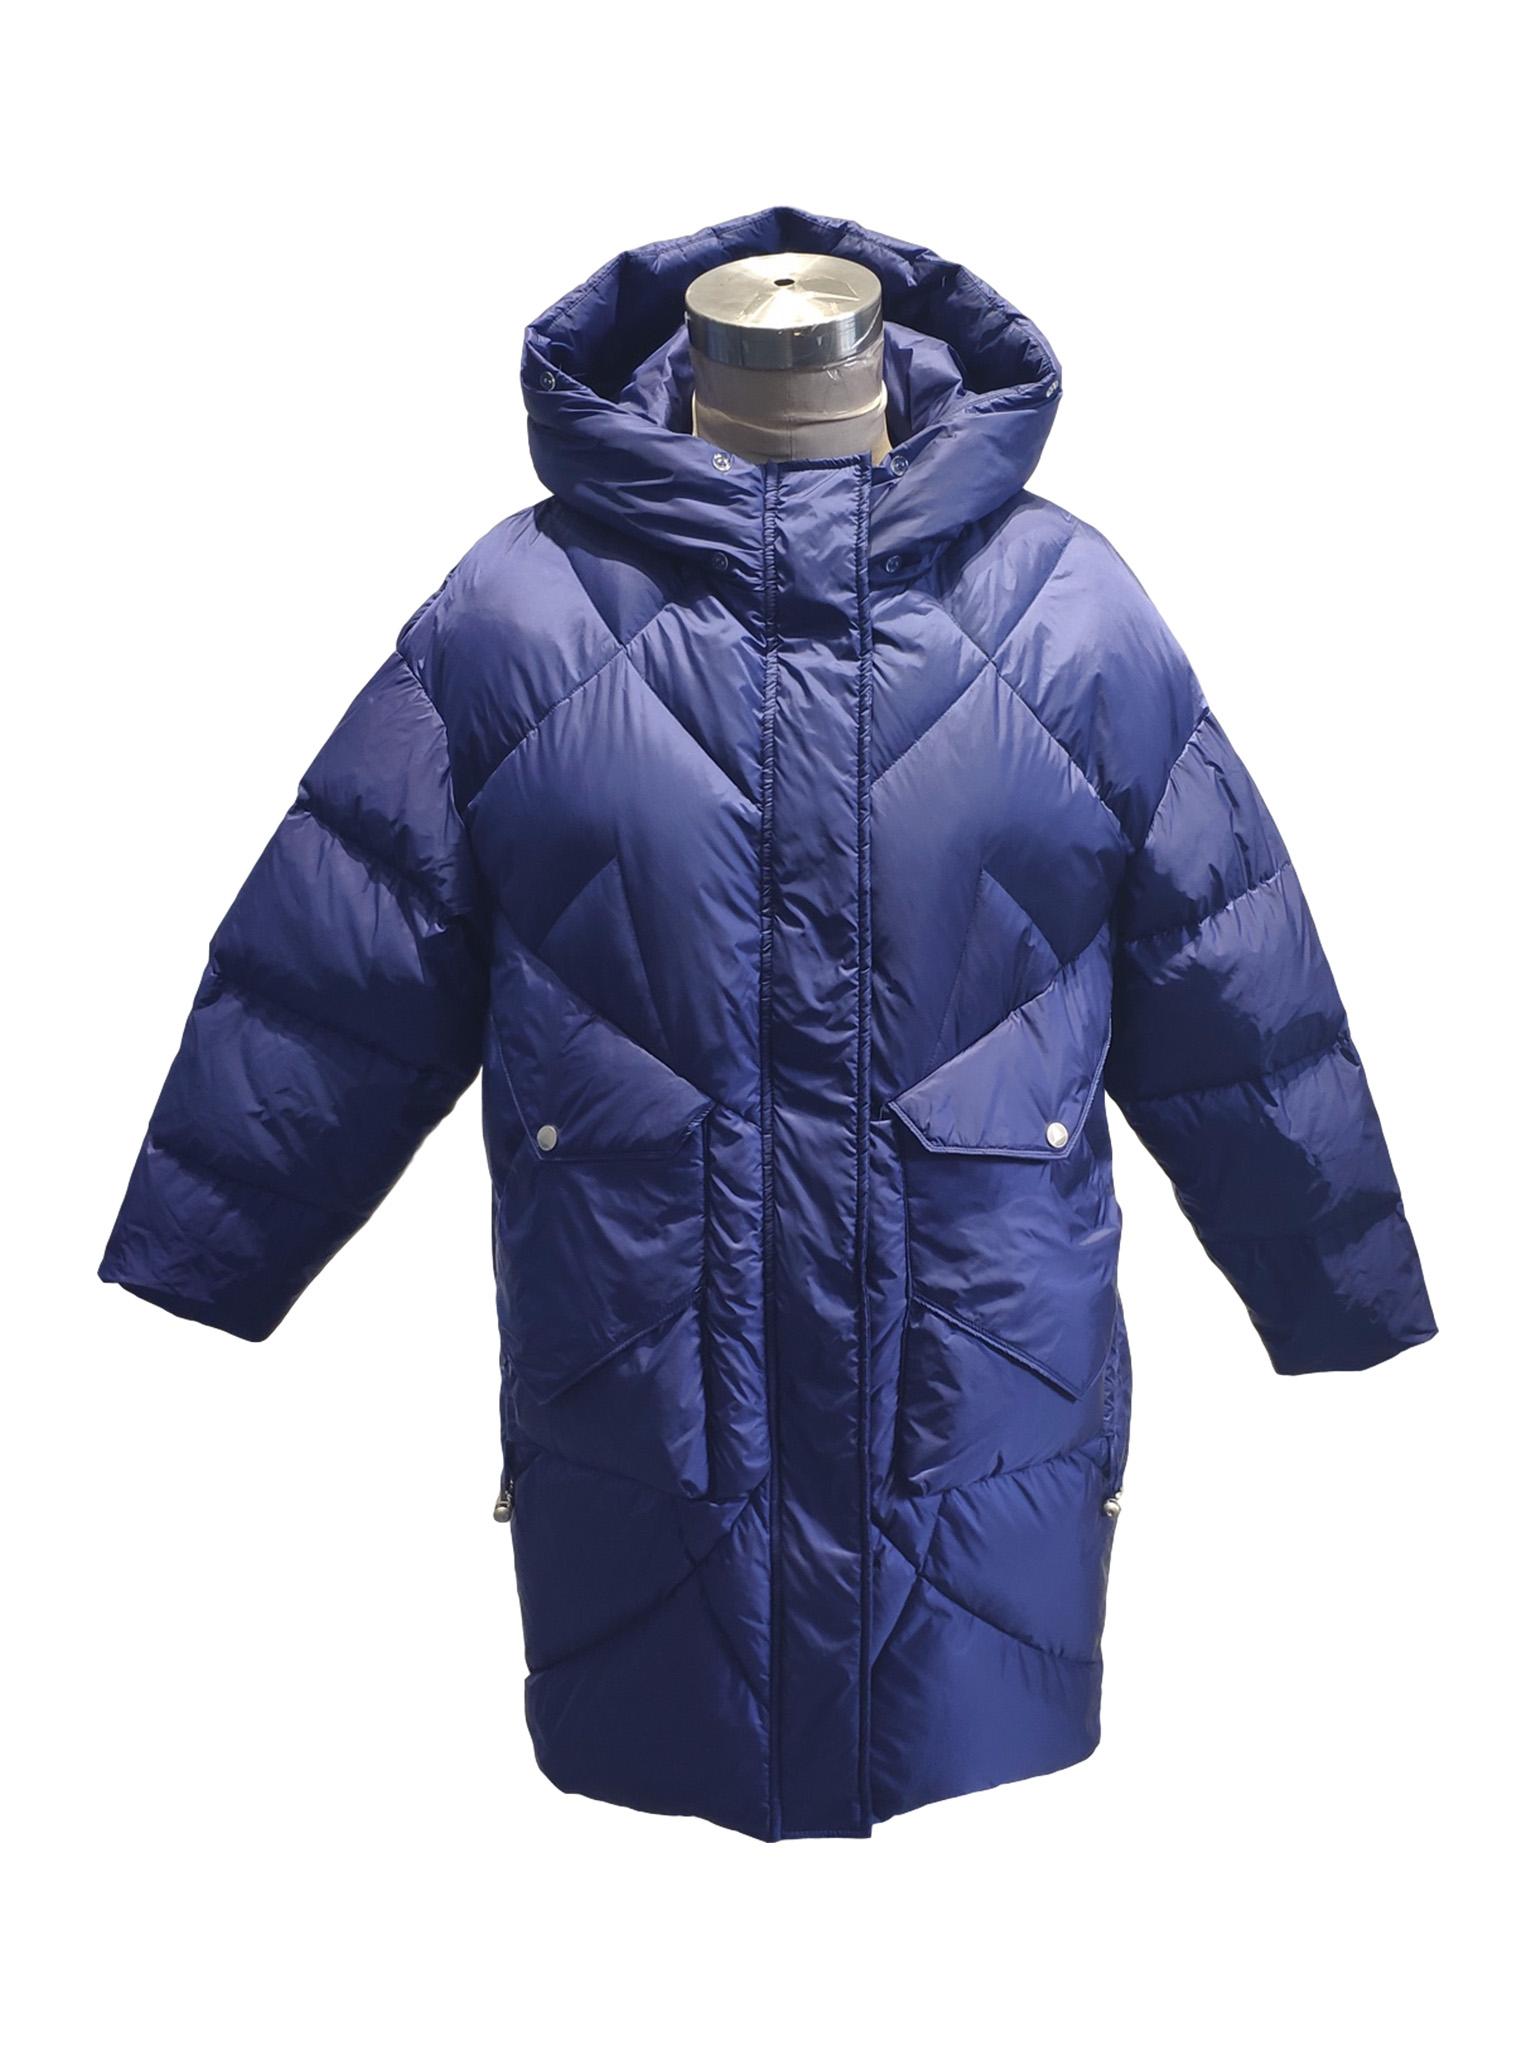 Women's Hooded Warm Down Jacket